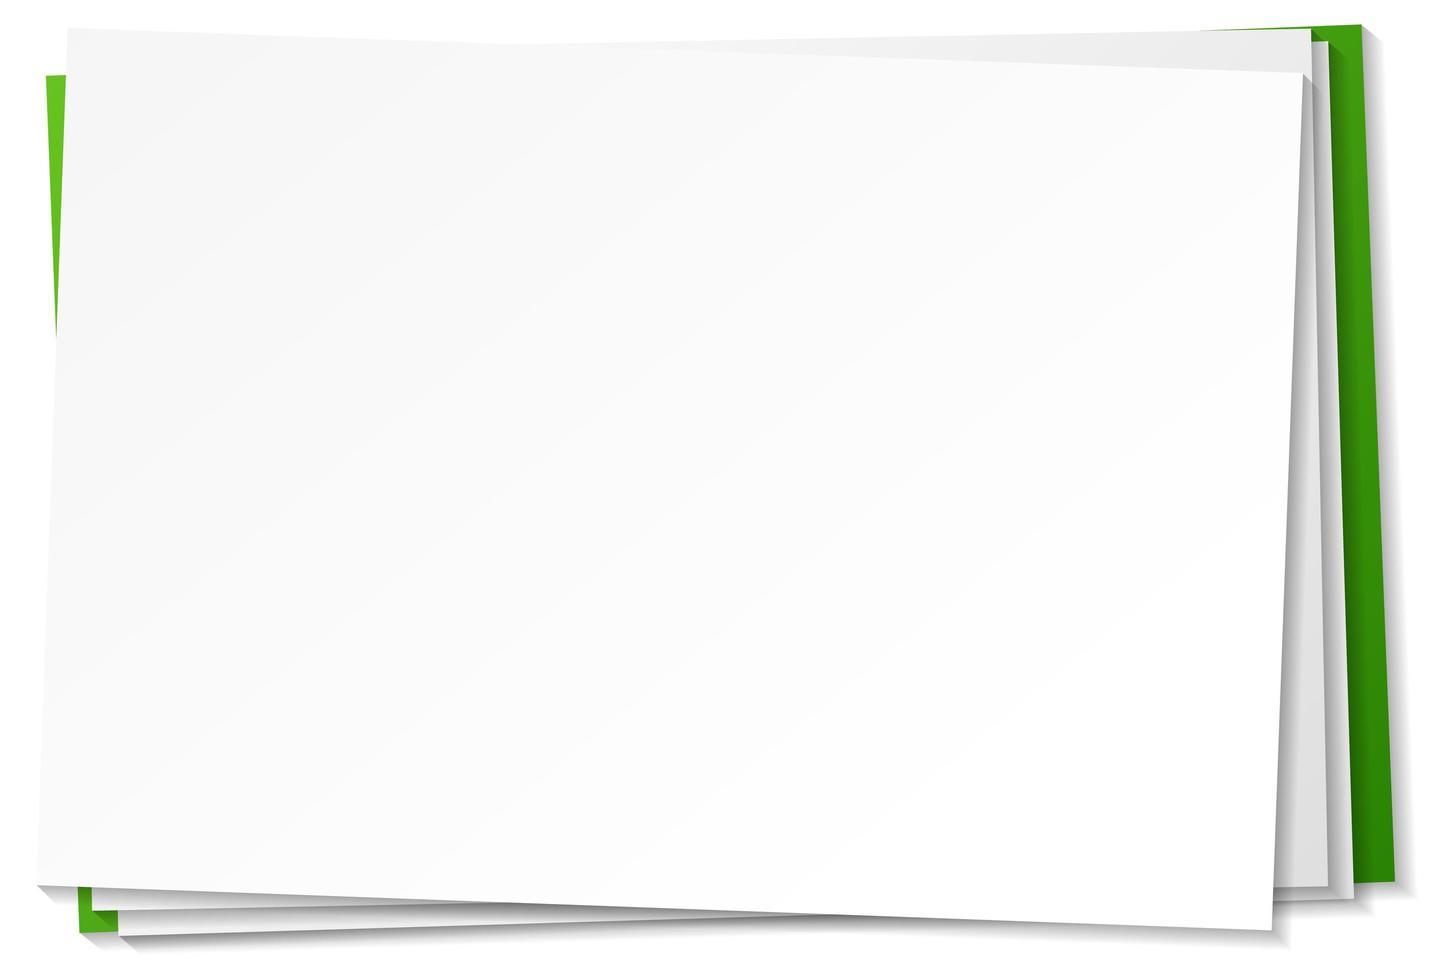 leere Papiernotizschablone auf weißem Hintergrund vektor